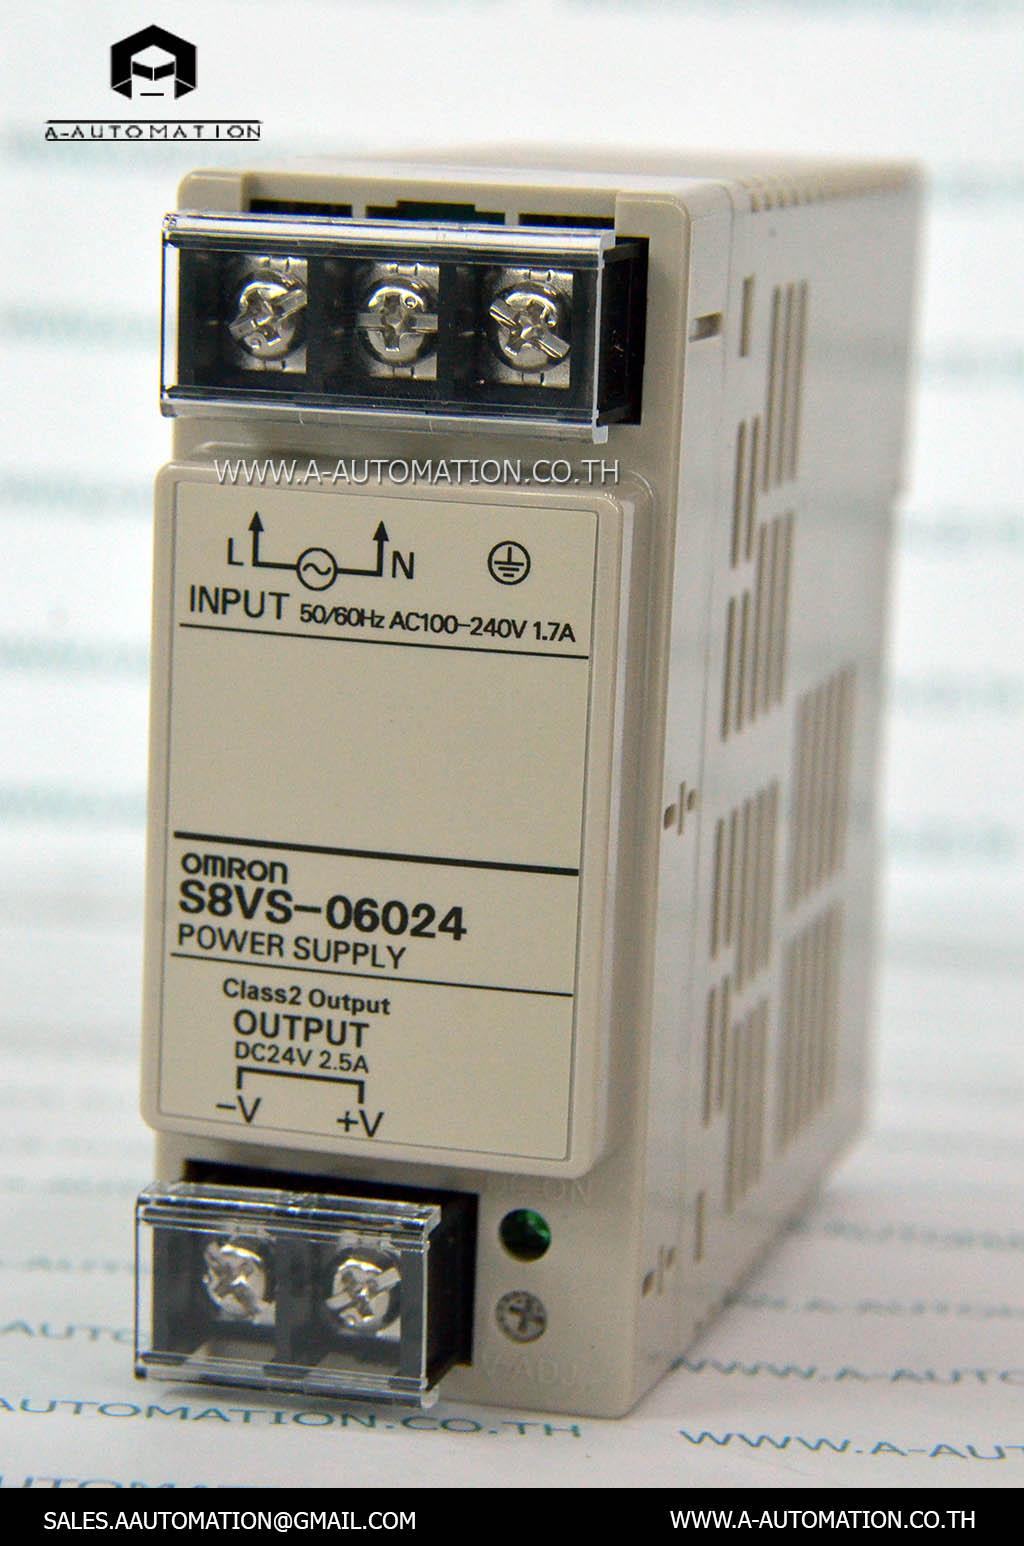 POWER SUPPLY MODEL:S8VS-06024 [OMRON]